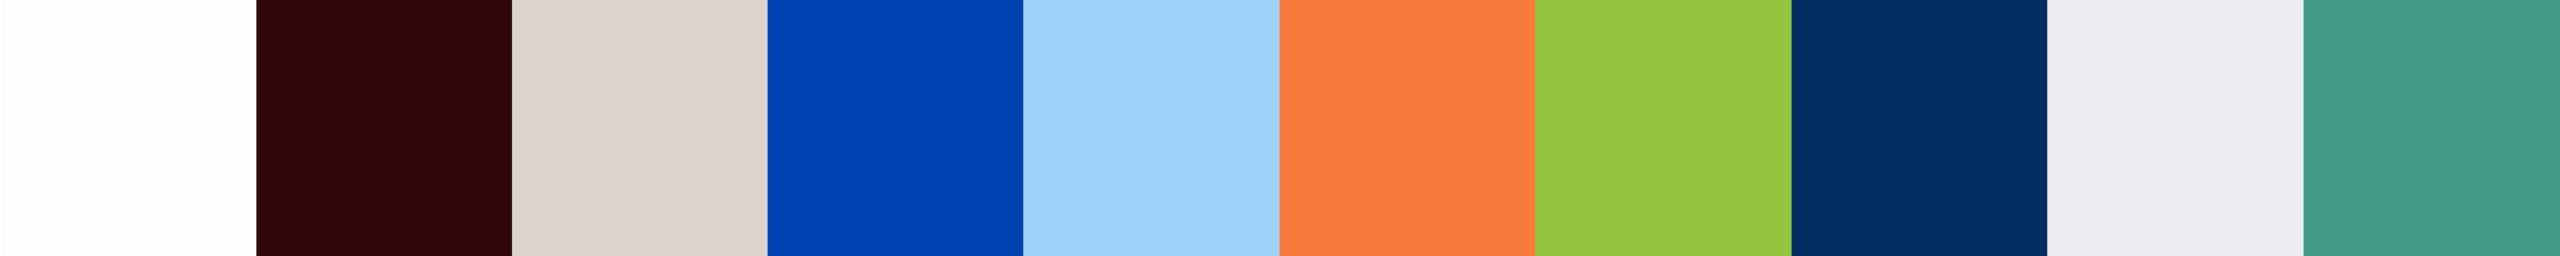 126 Kaldemia Color Palette